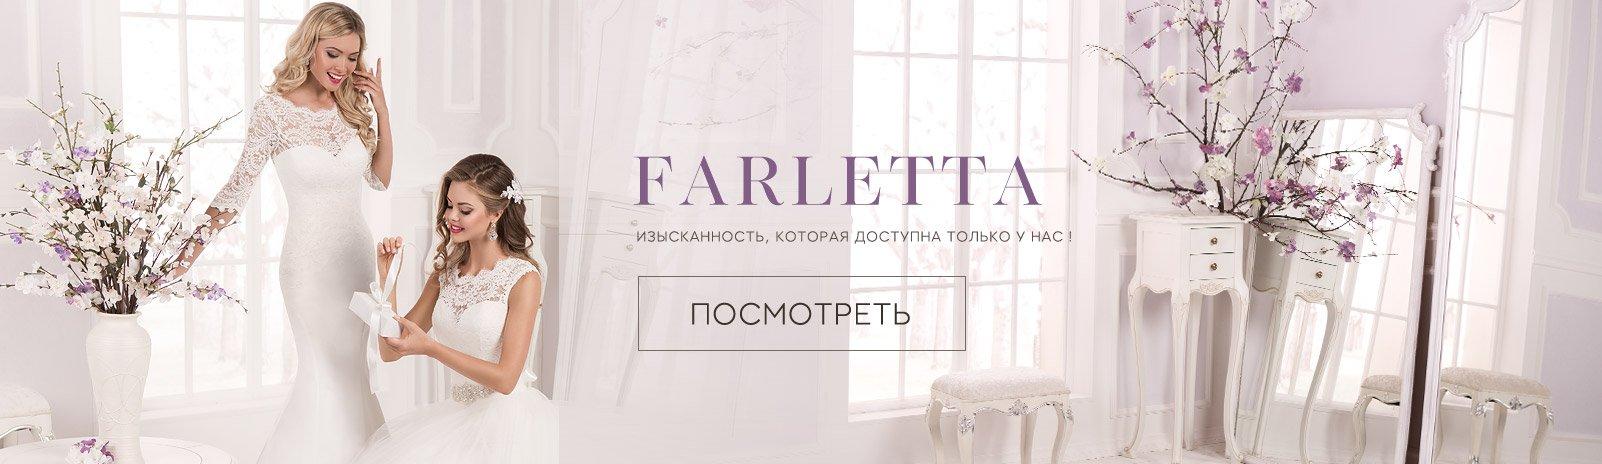 farletta-2016-3